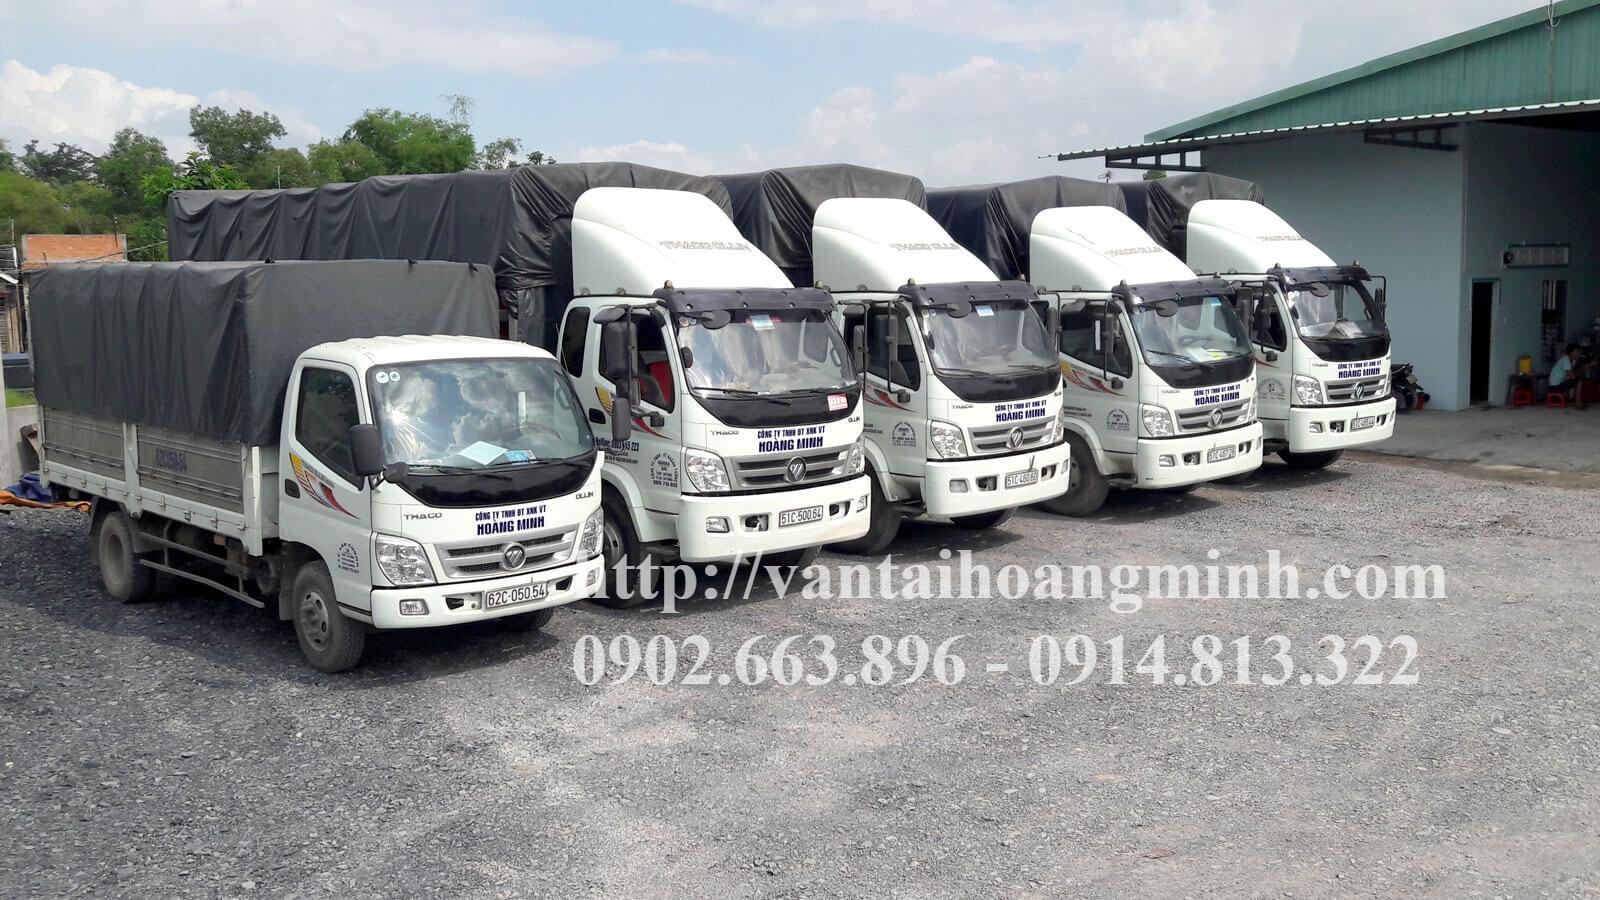 Vận chuyển hàng hóa đi biên hòa đồng nai